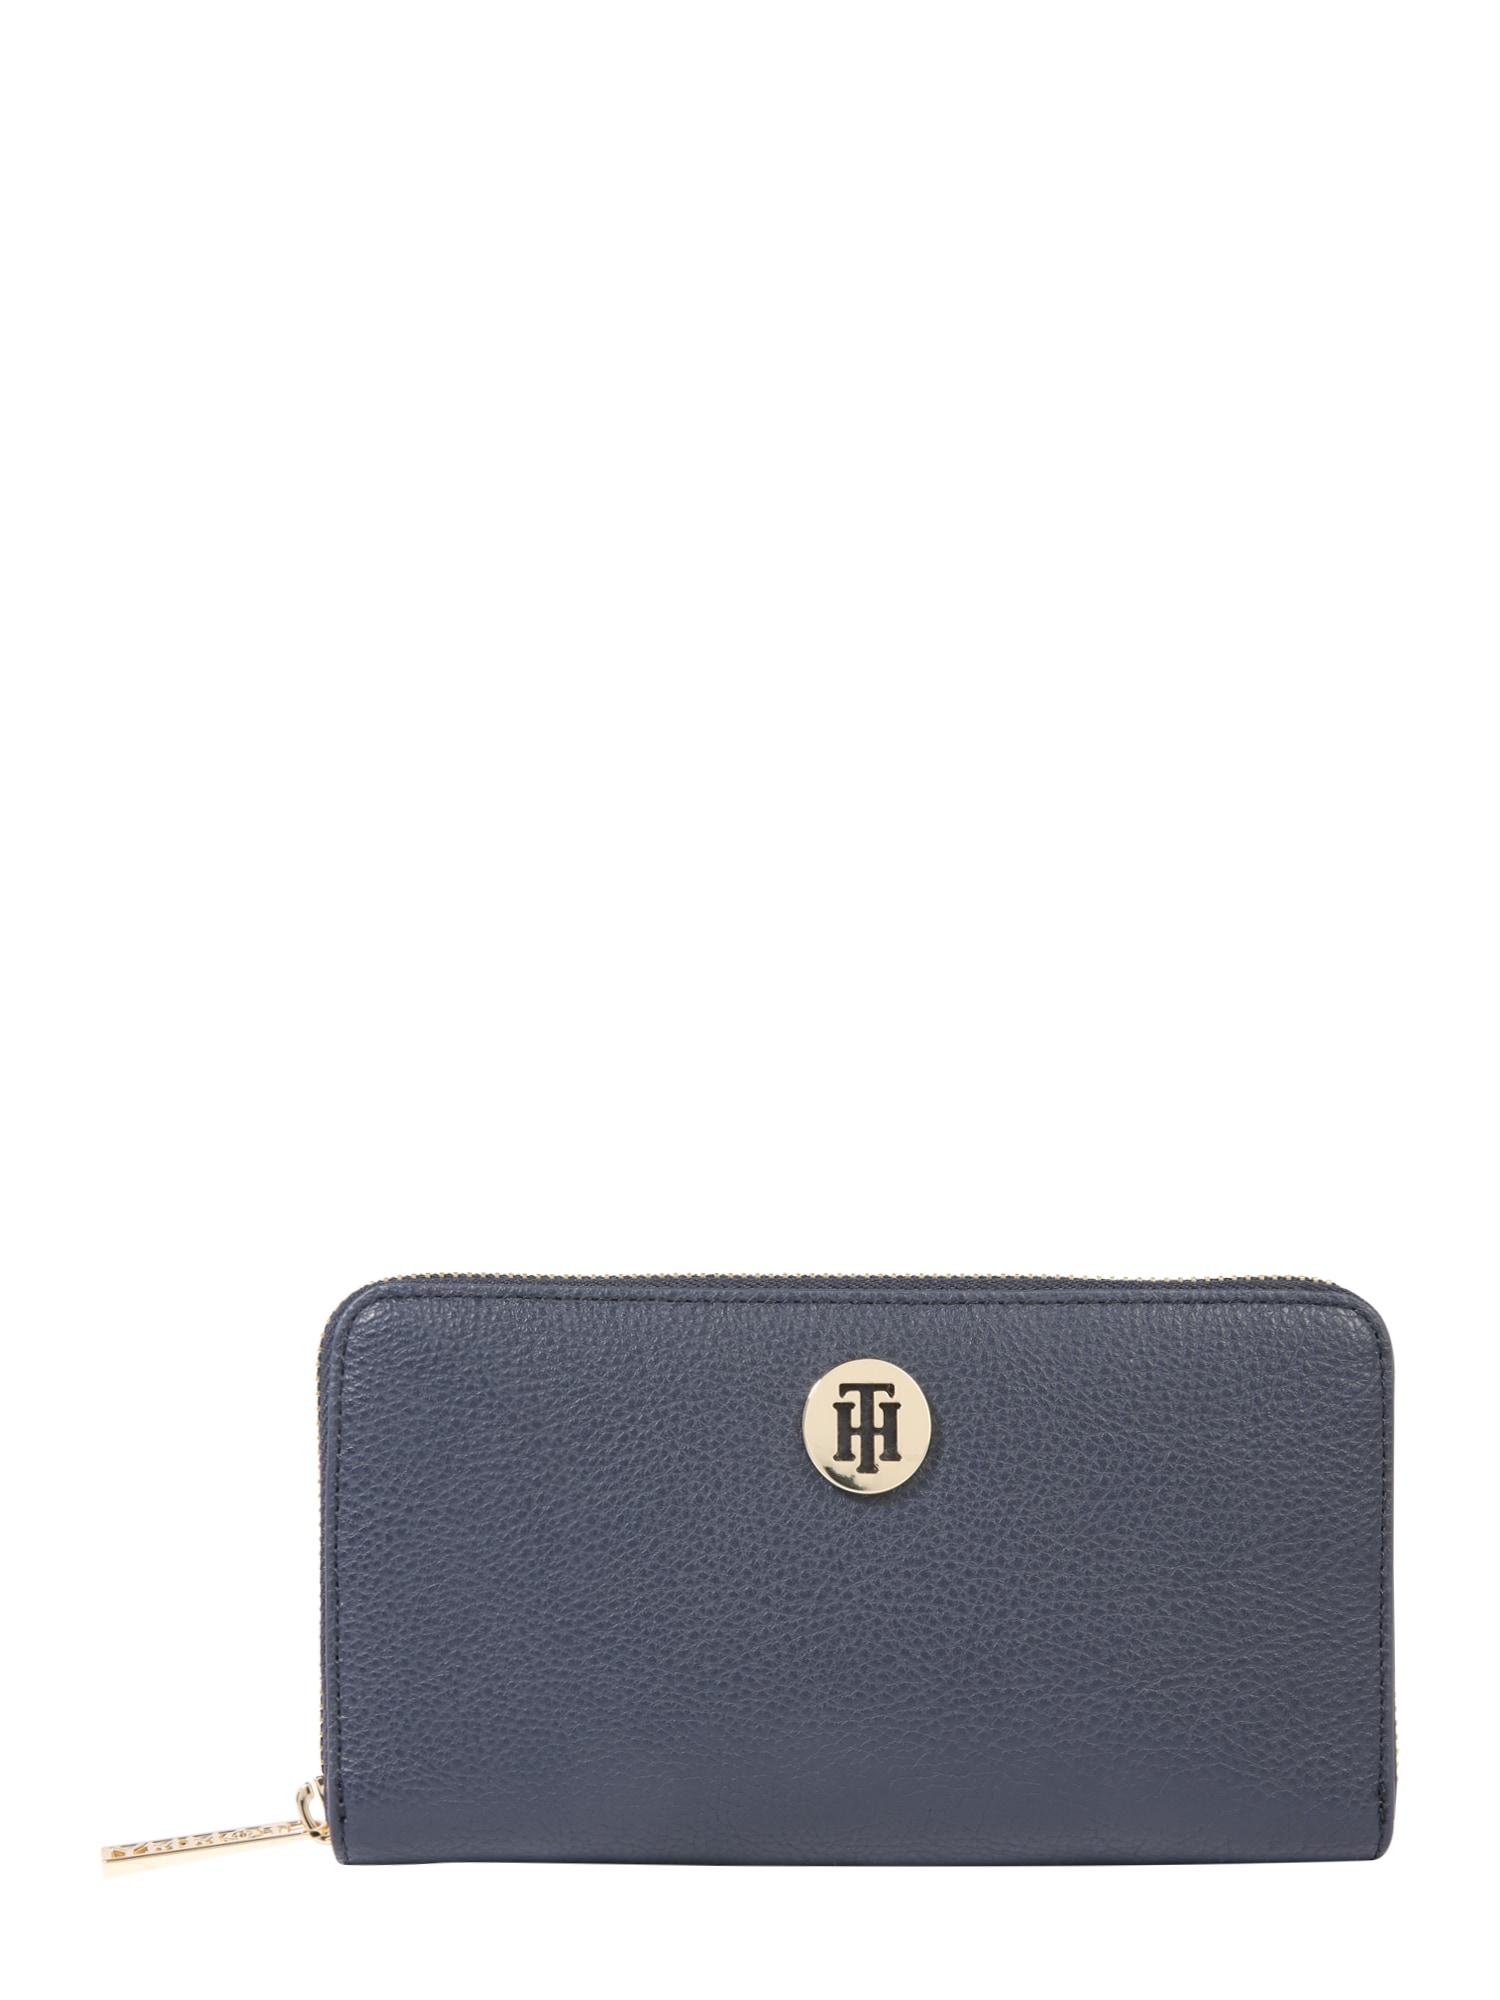 Peněženka TH Core LRG tmavě modrá TOMMY HILFIGER